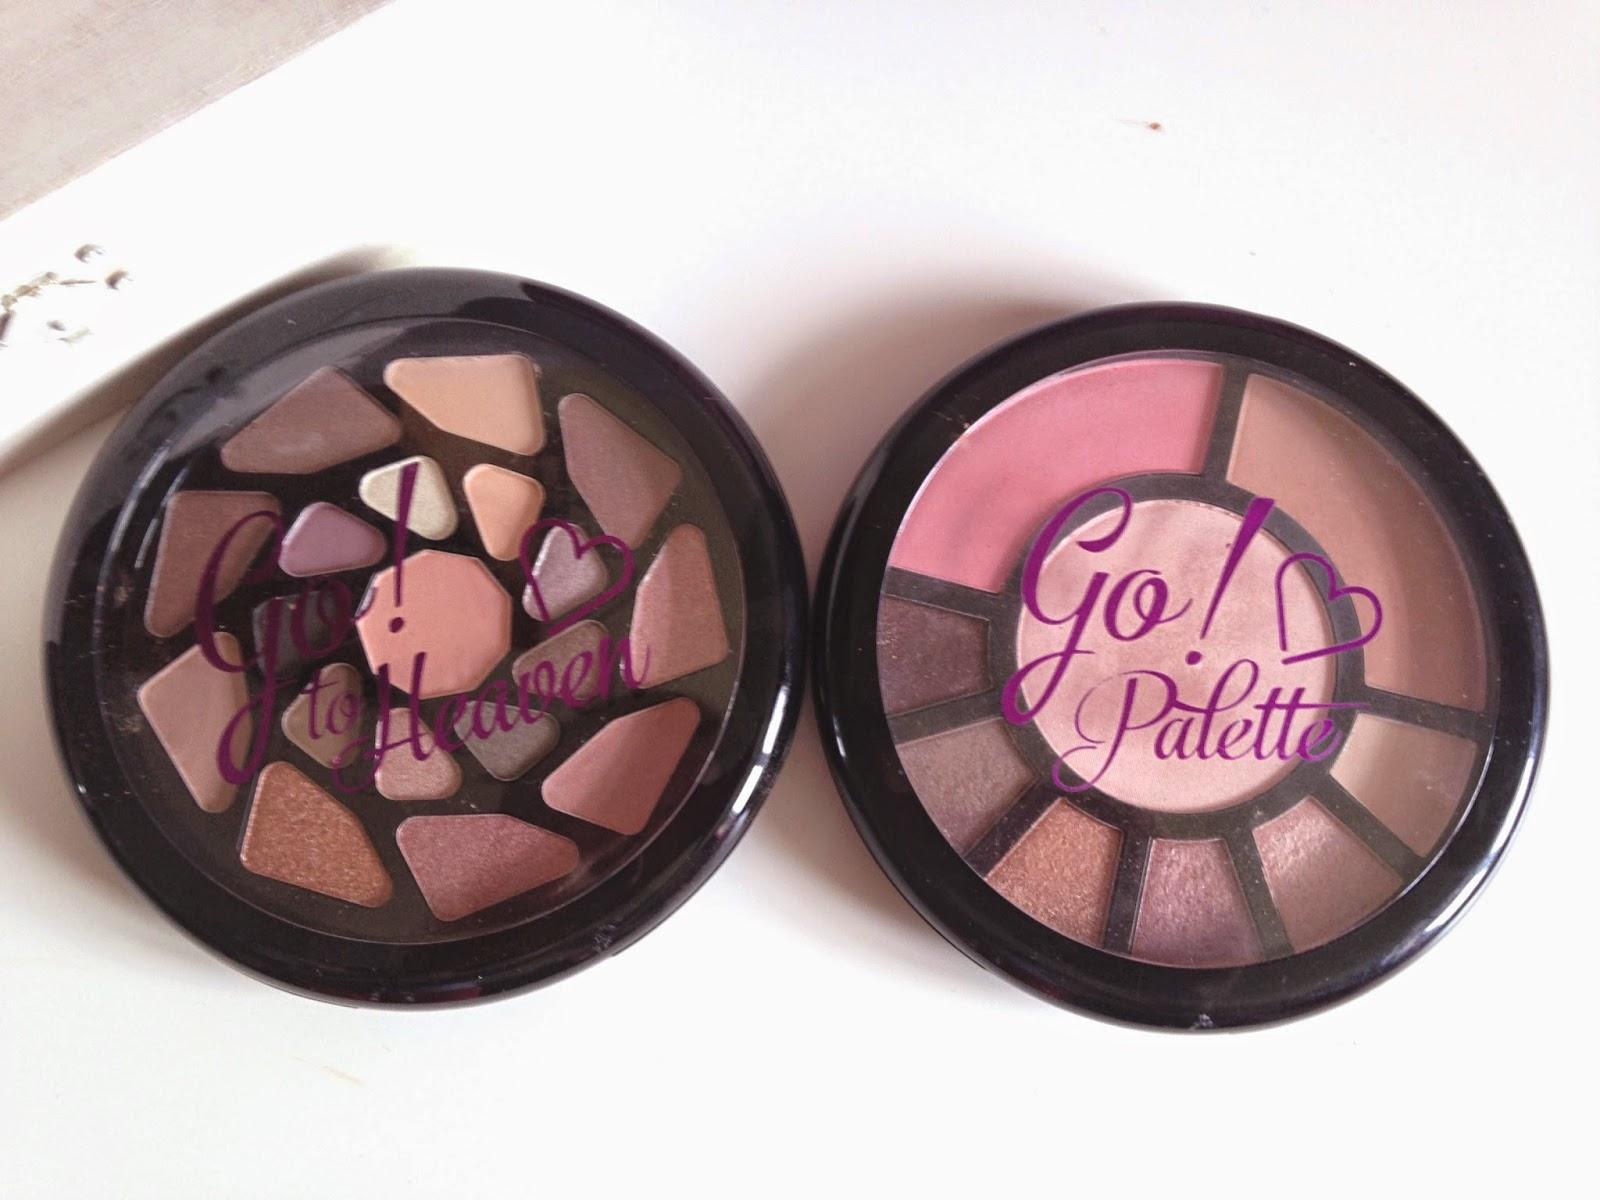 Makeup Revolution Go! Palettes